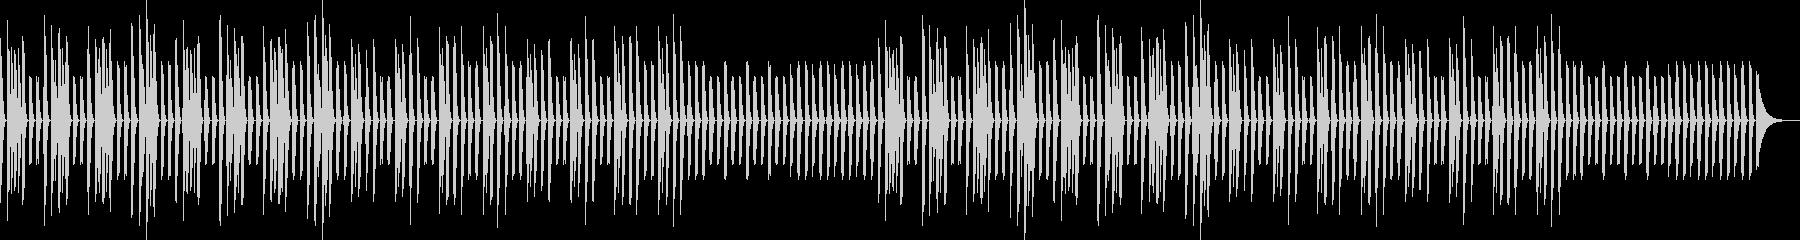 ピアノソロ・日常・トーク・会話の未再生の波形